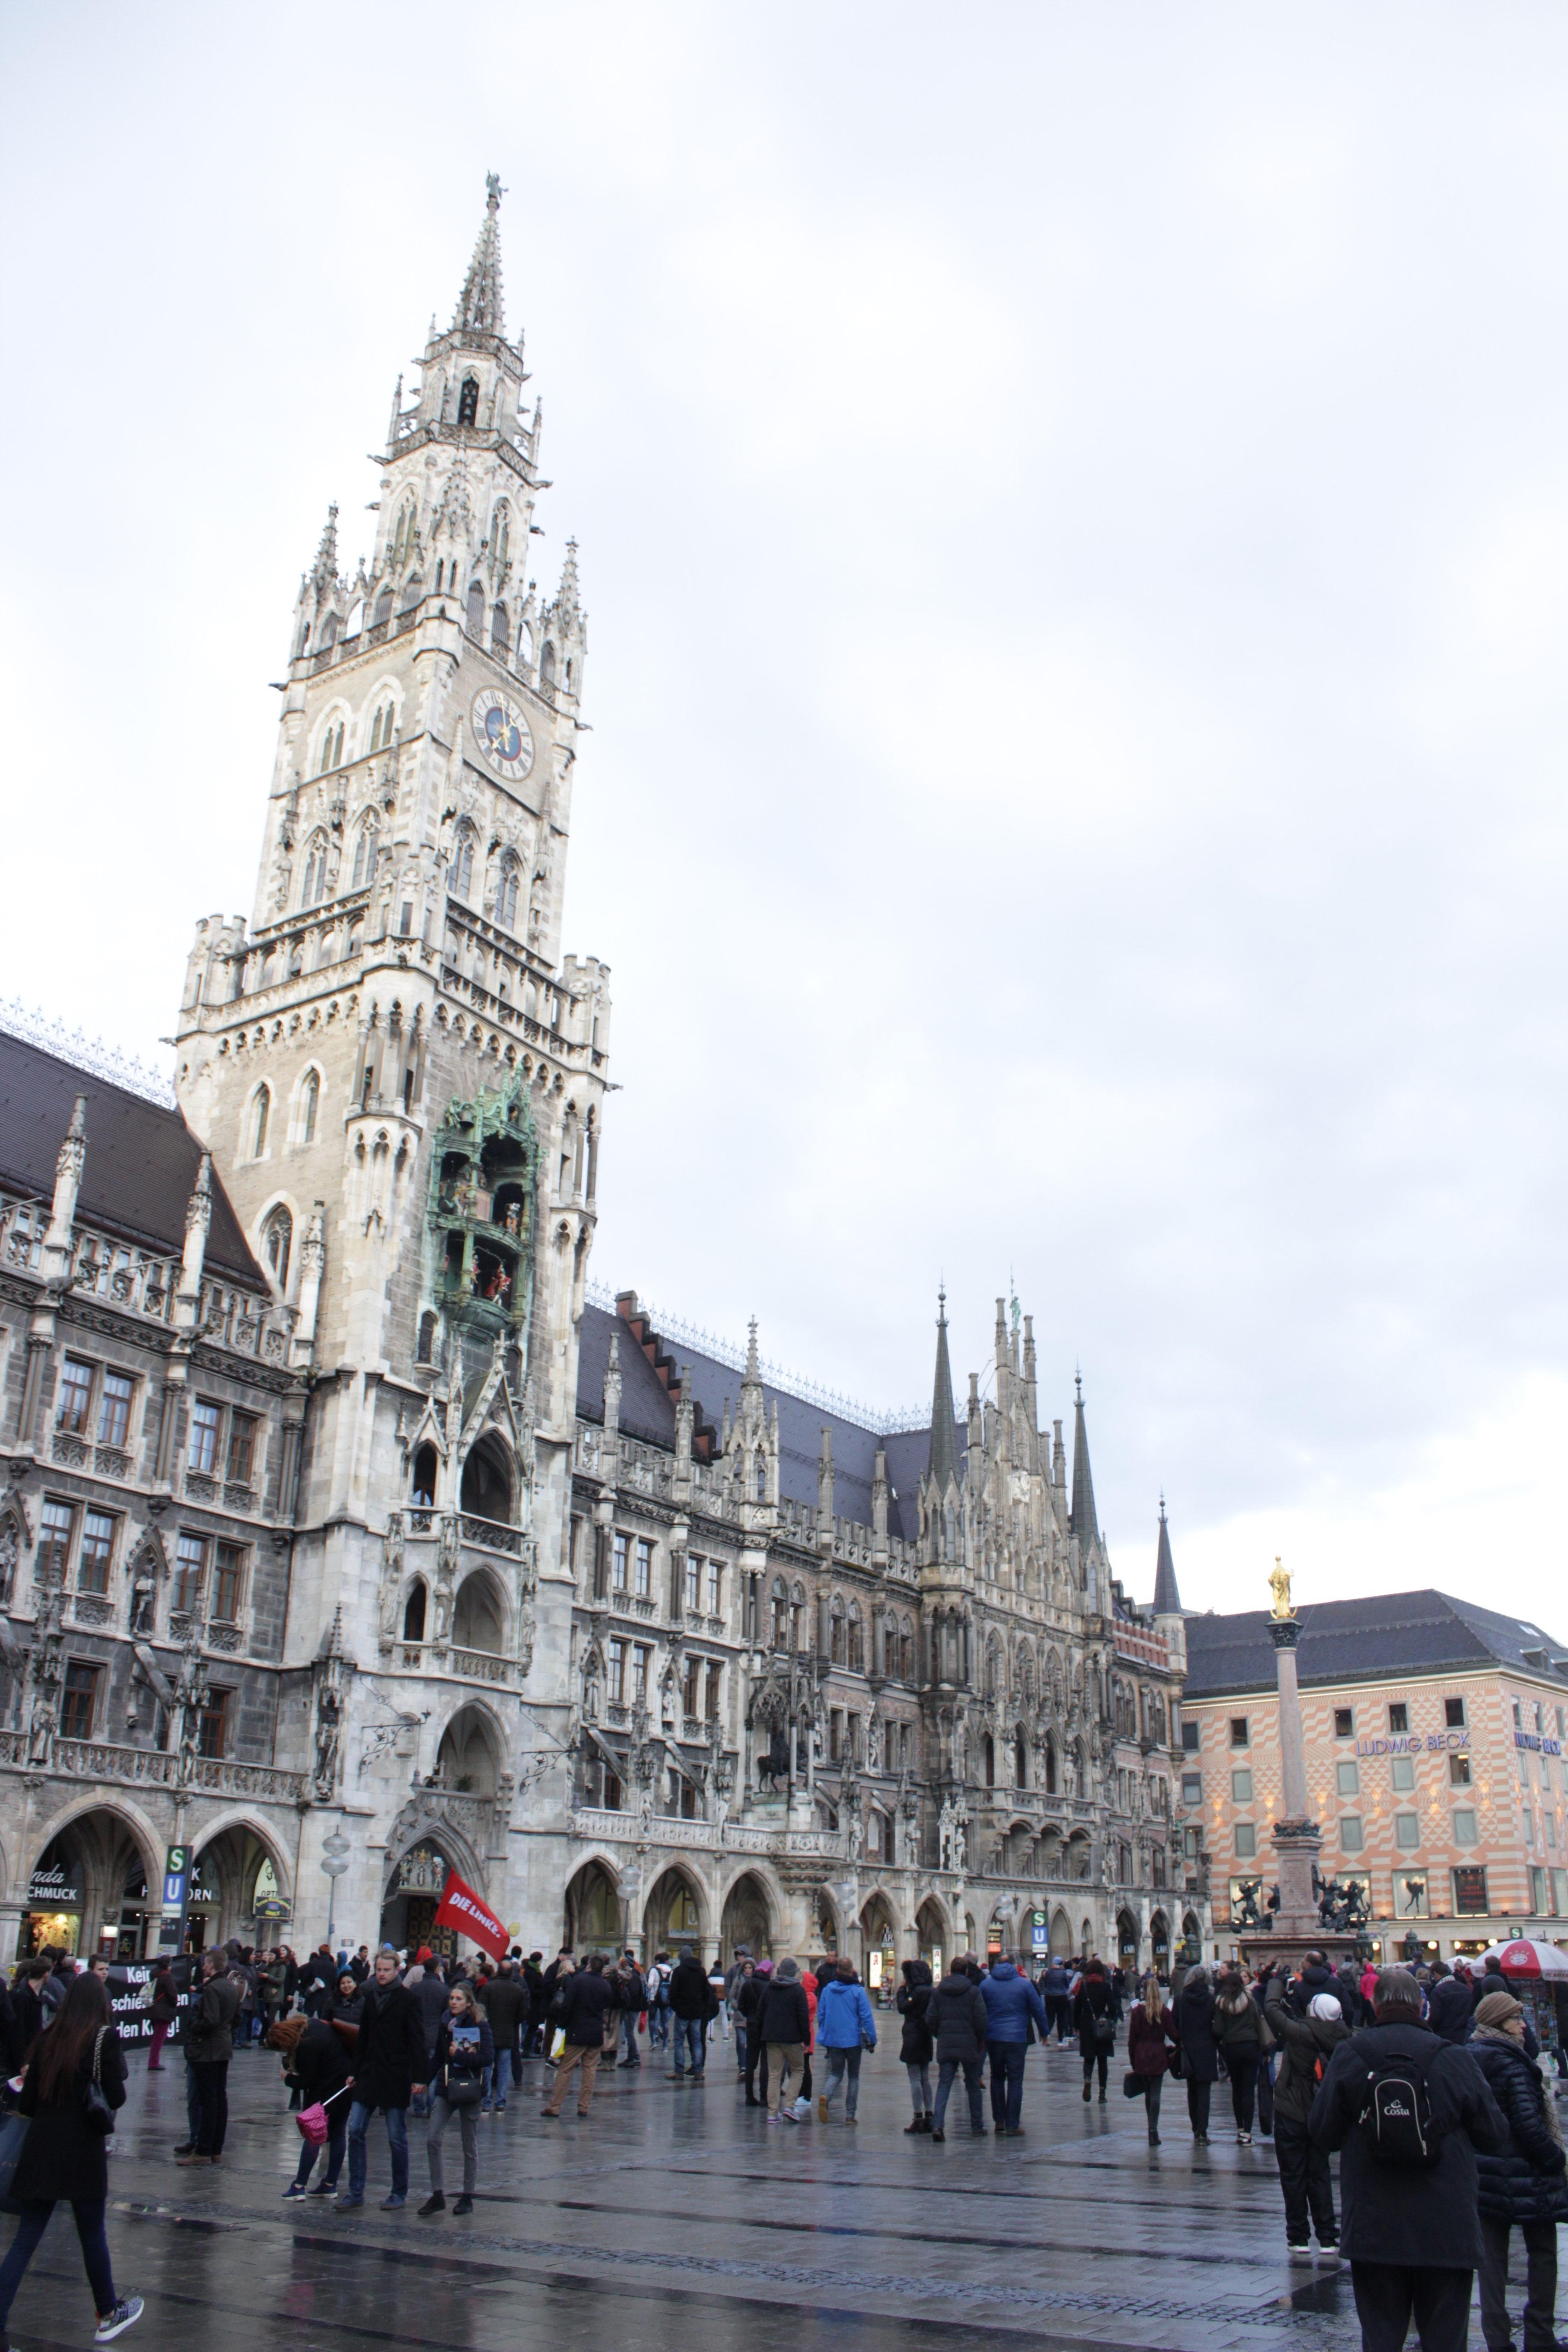 Rathaus in Marienplatz